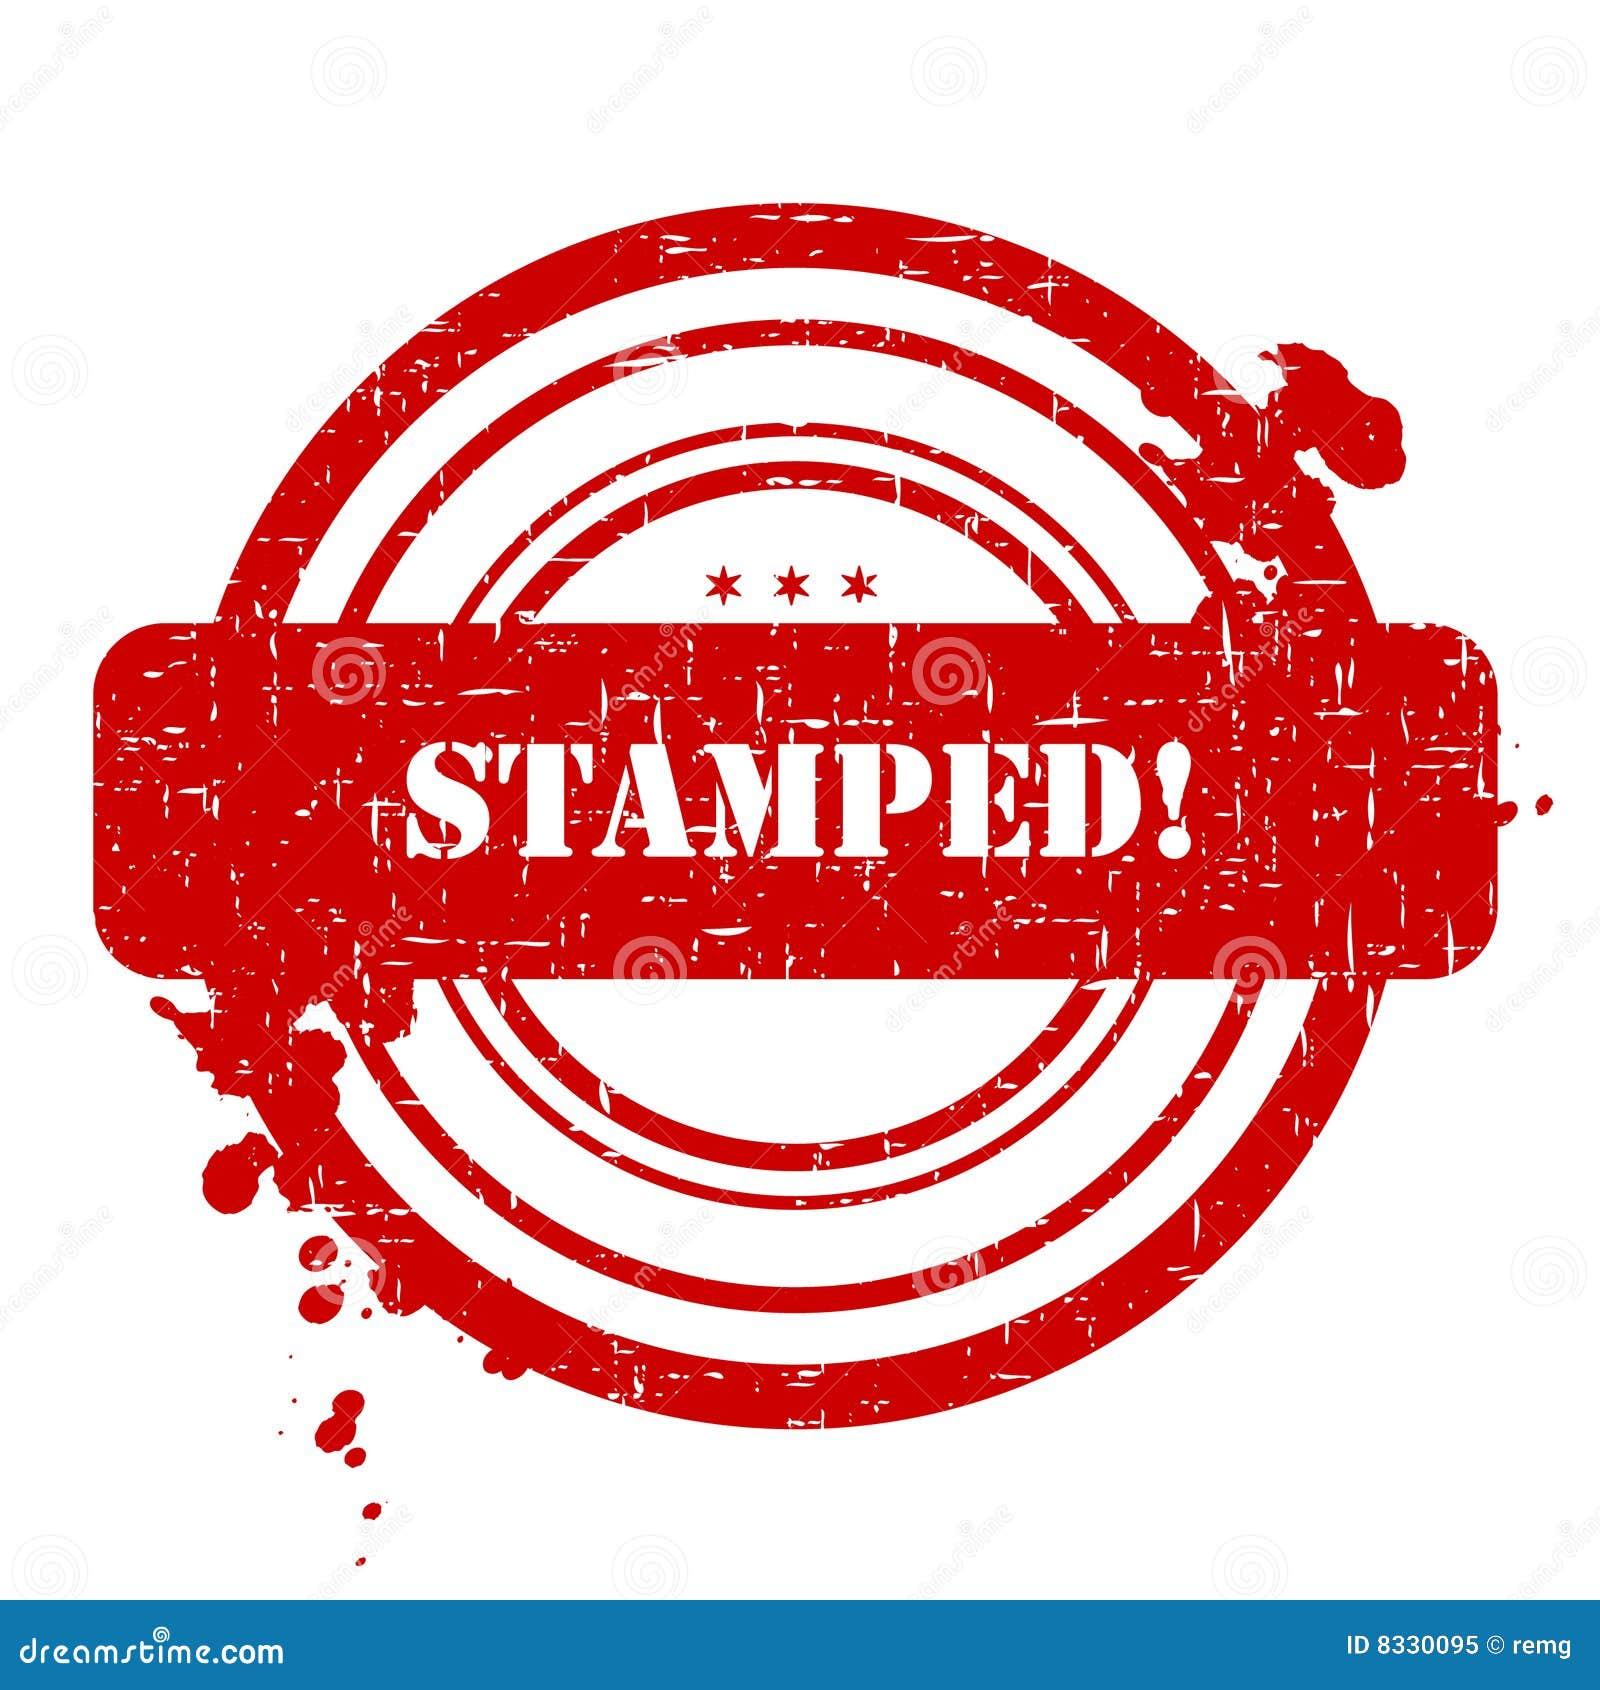 stamped stamp stock illustration illustration of damaged 8330095